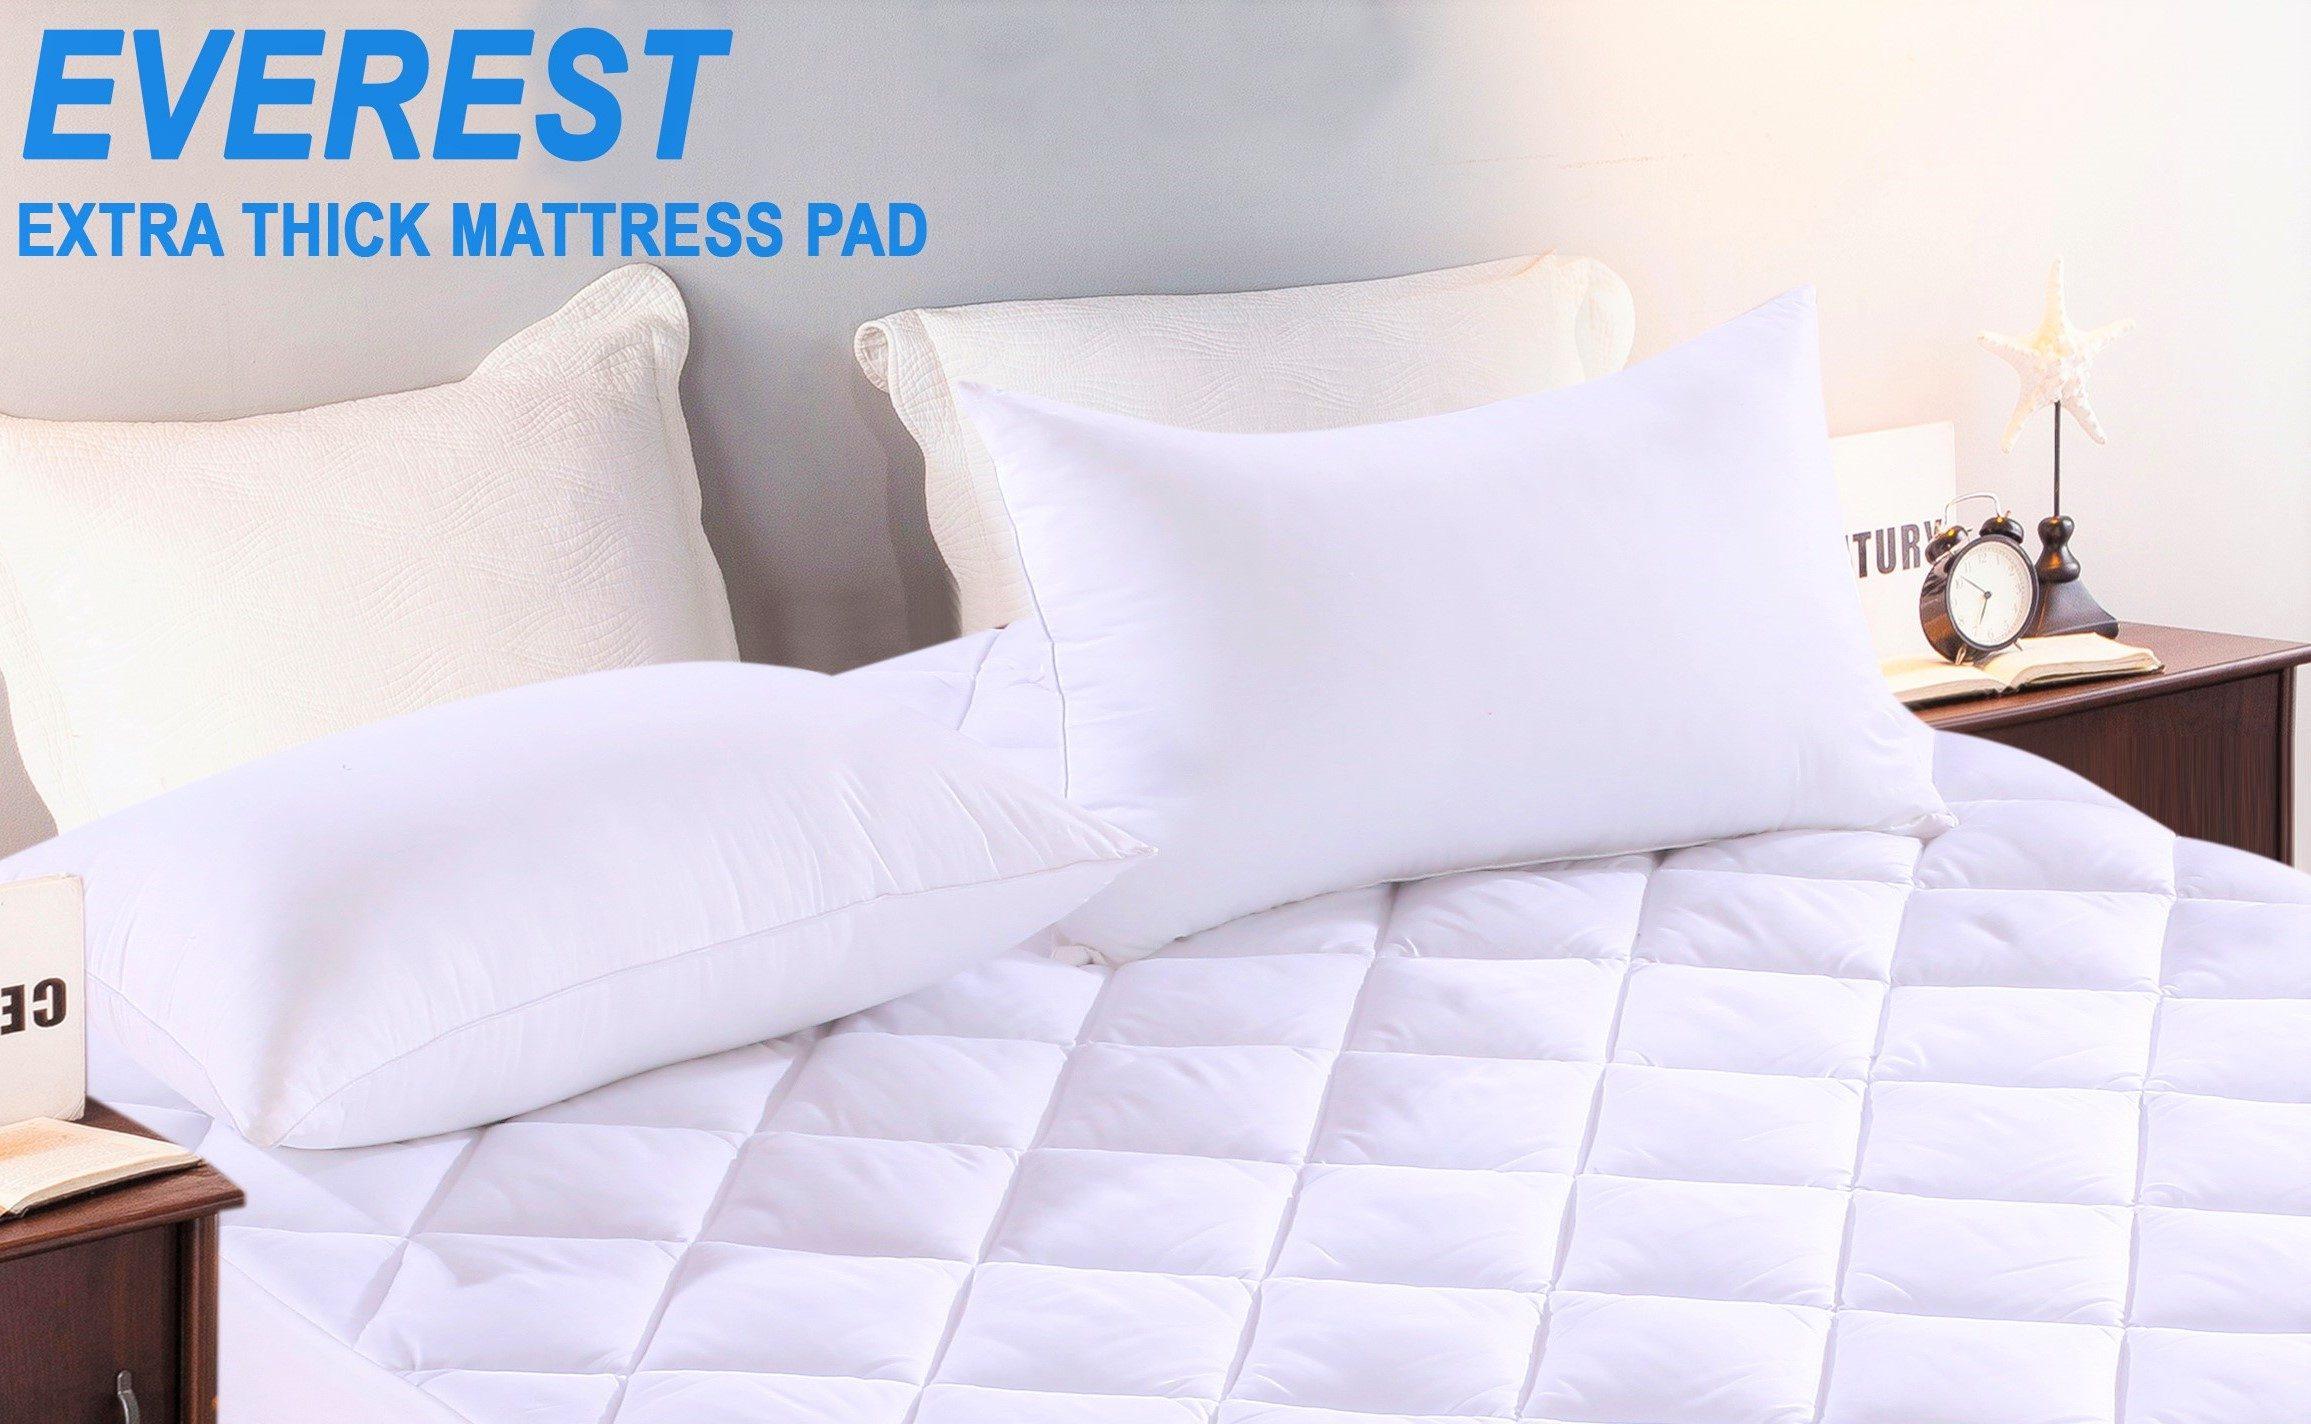 1 FULL Mattress Pad 15oz 54x75 18Depth2 Standard